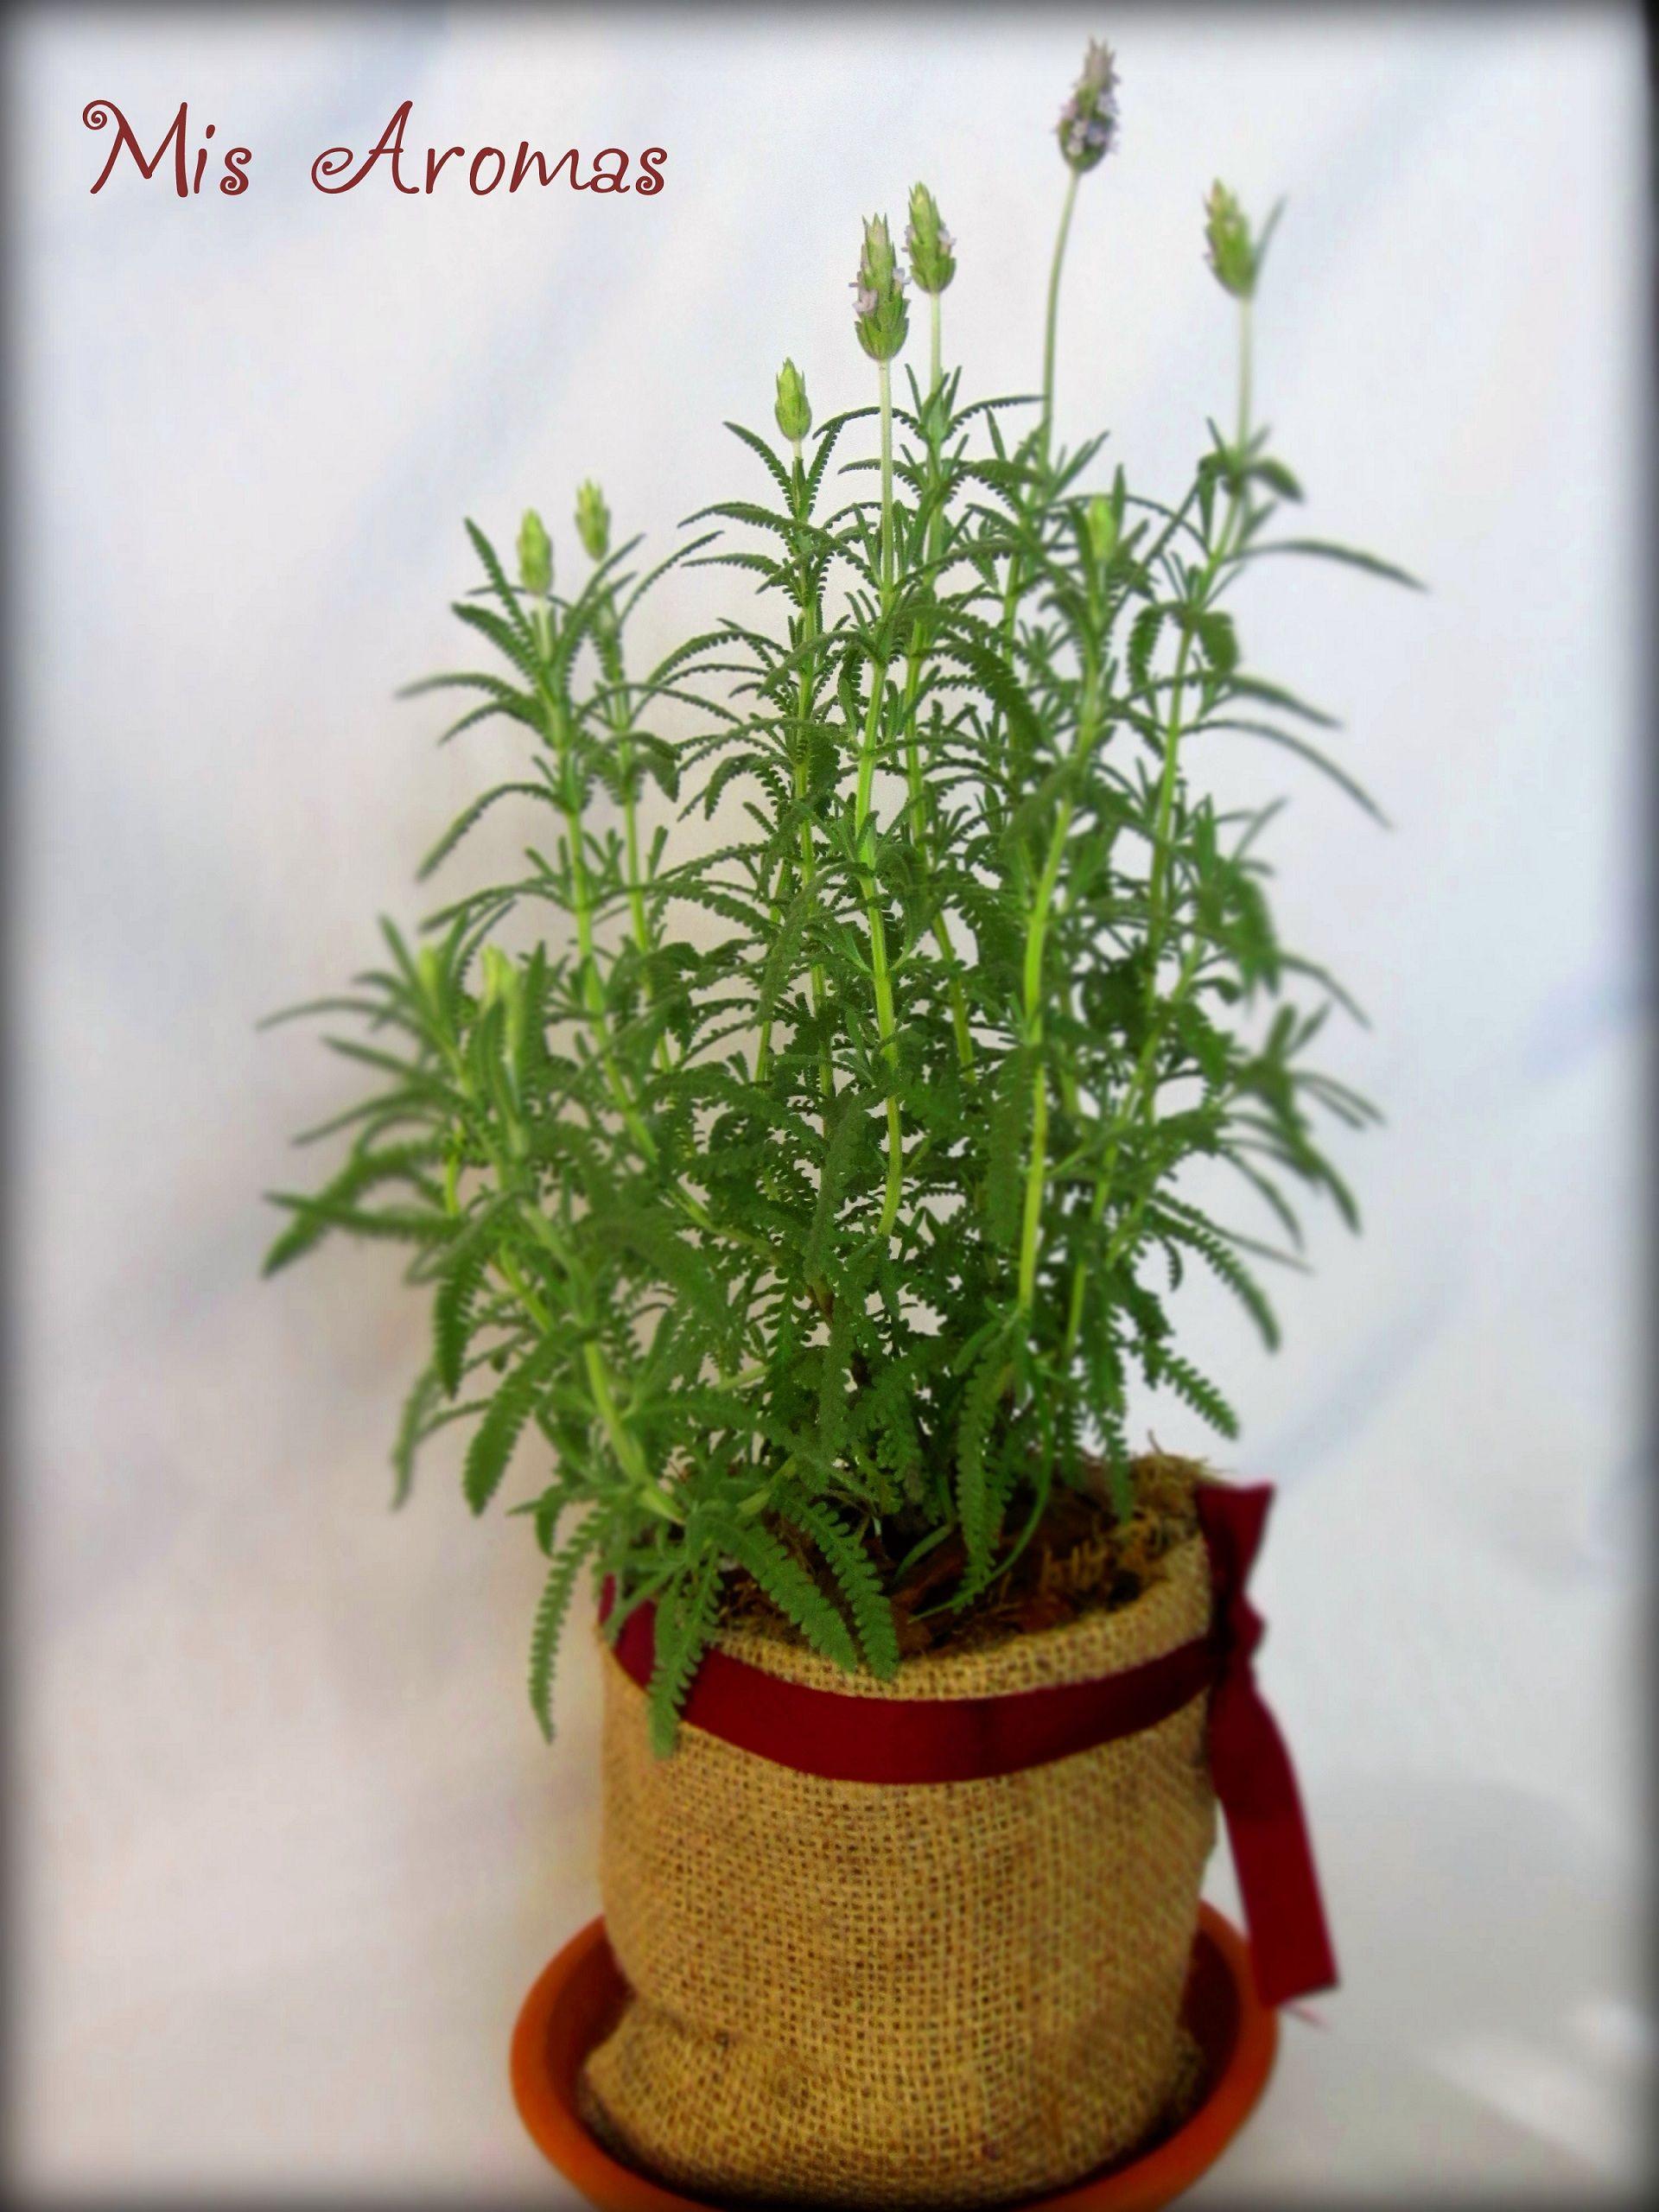 Centros de mesa para casamientos con plantas arom ticas en for Plantas aromaticas en macetas